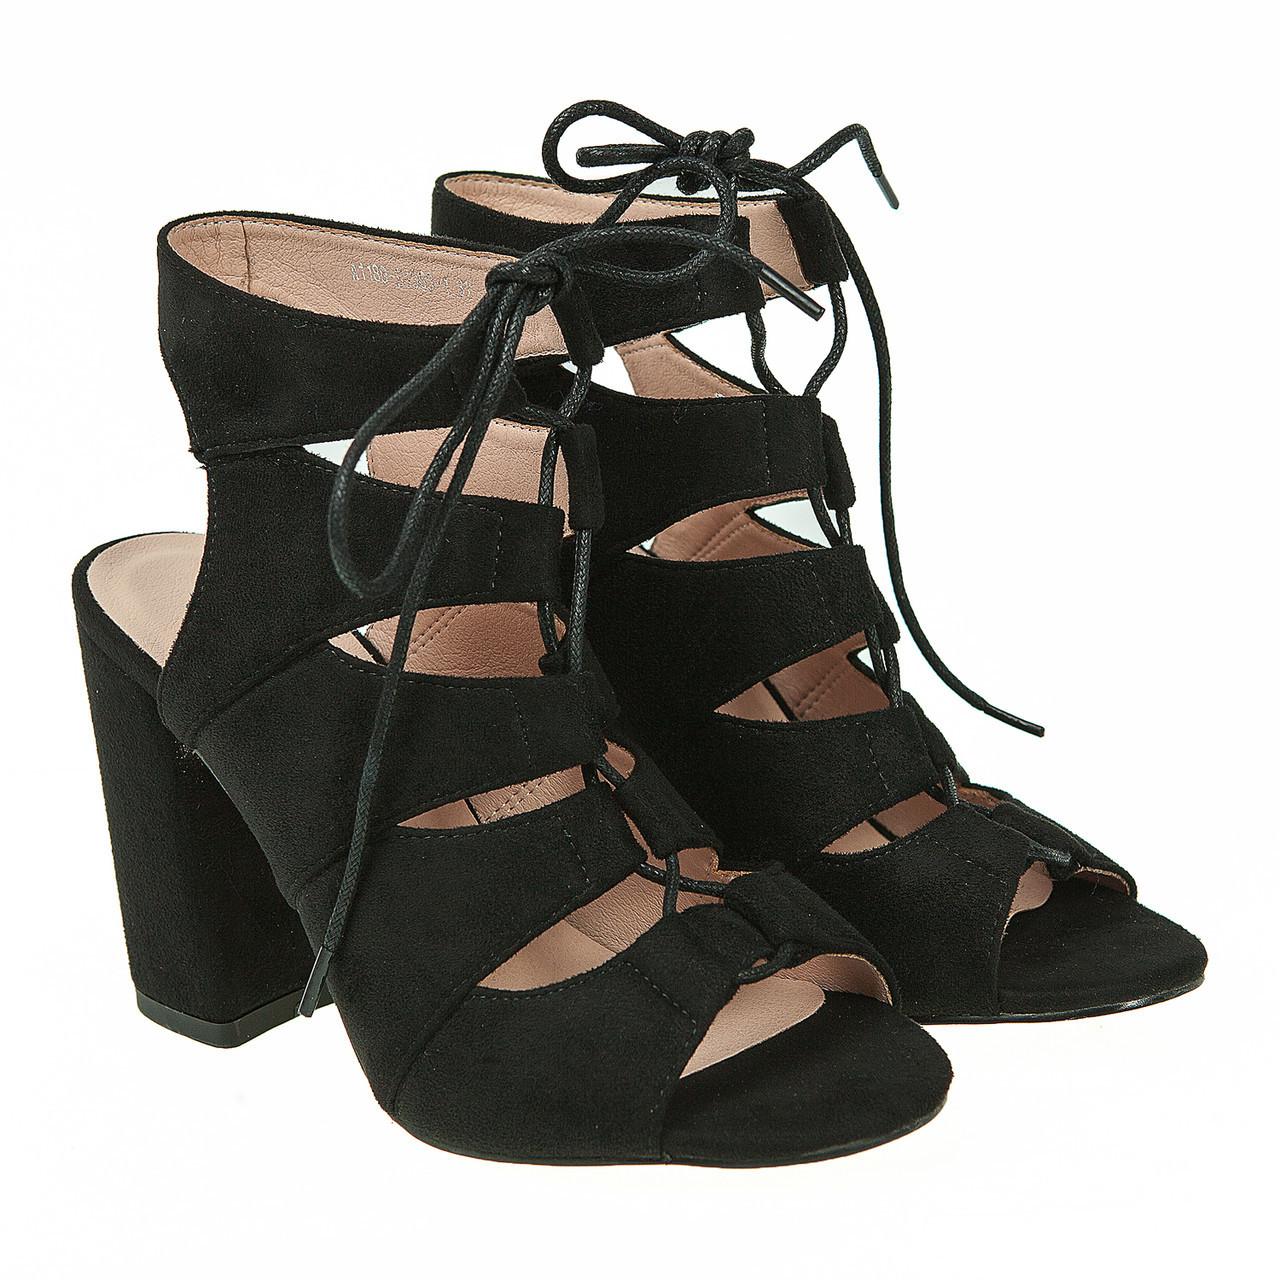 168c92c42 Босоножки женские Gelsomino (модные, стильные, на высоком каблуке,  оригинальные) - Интернет